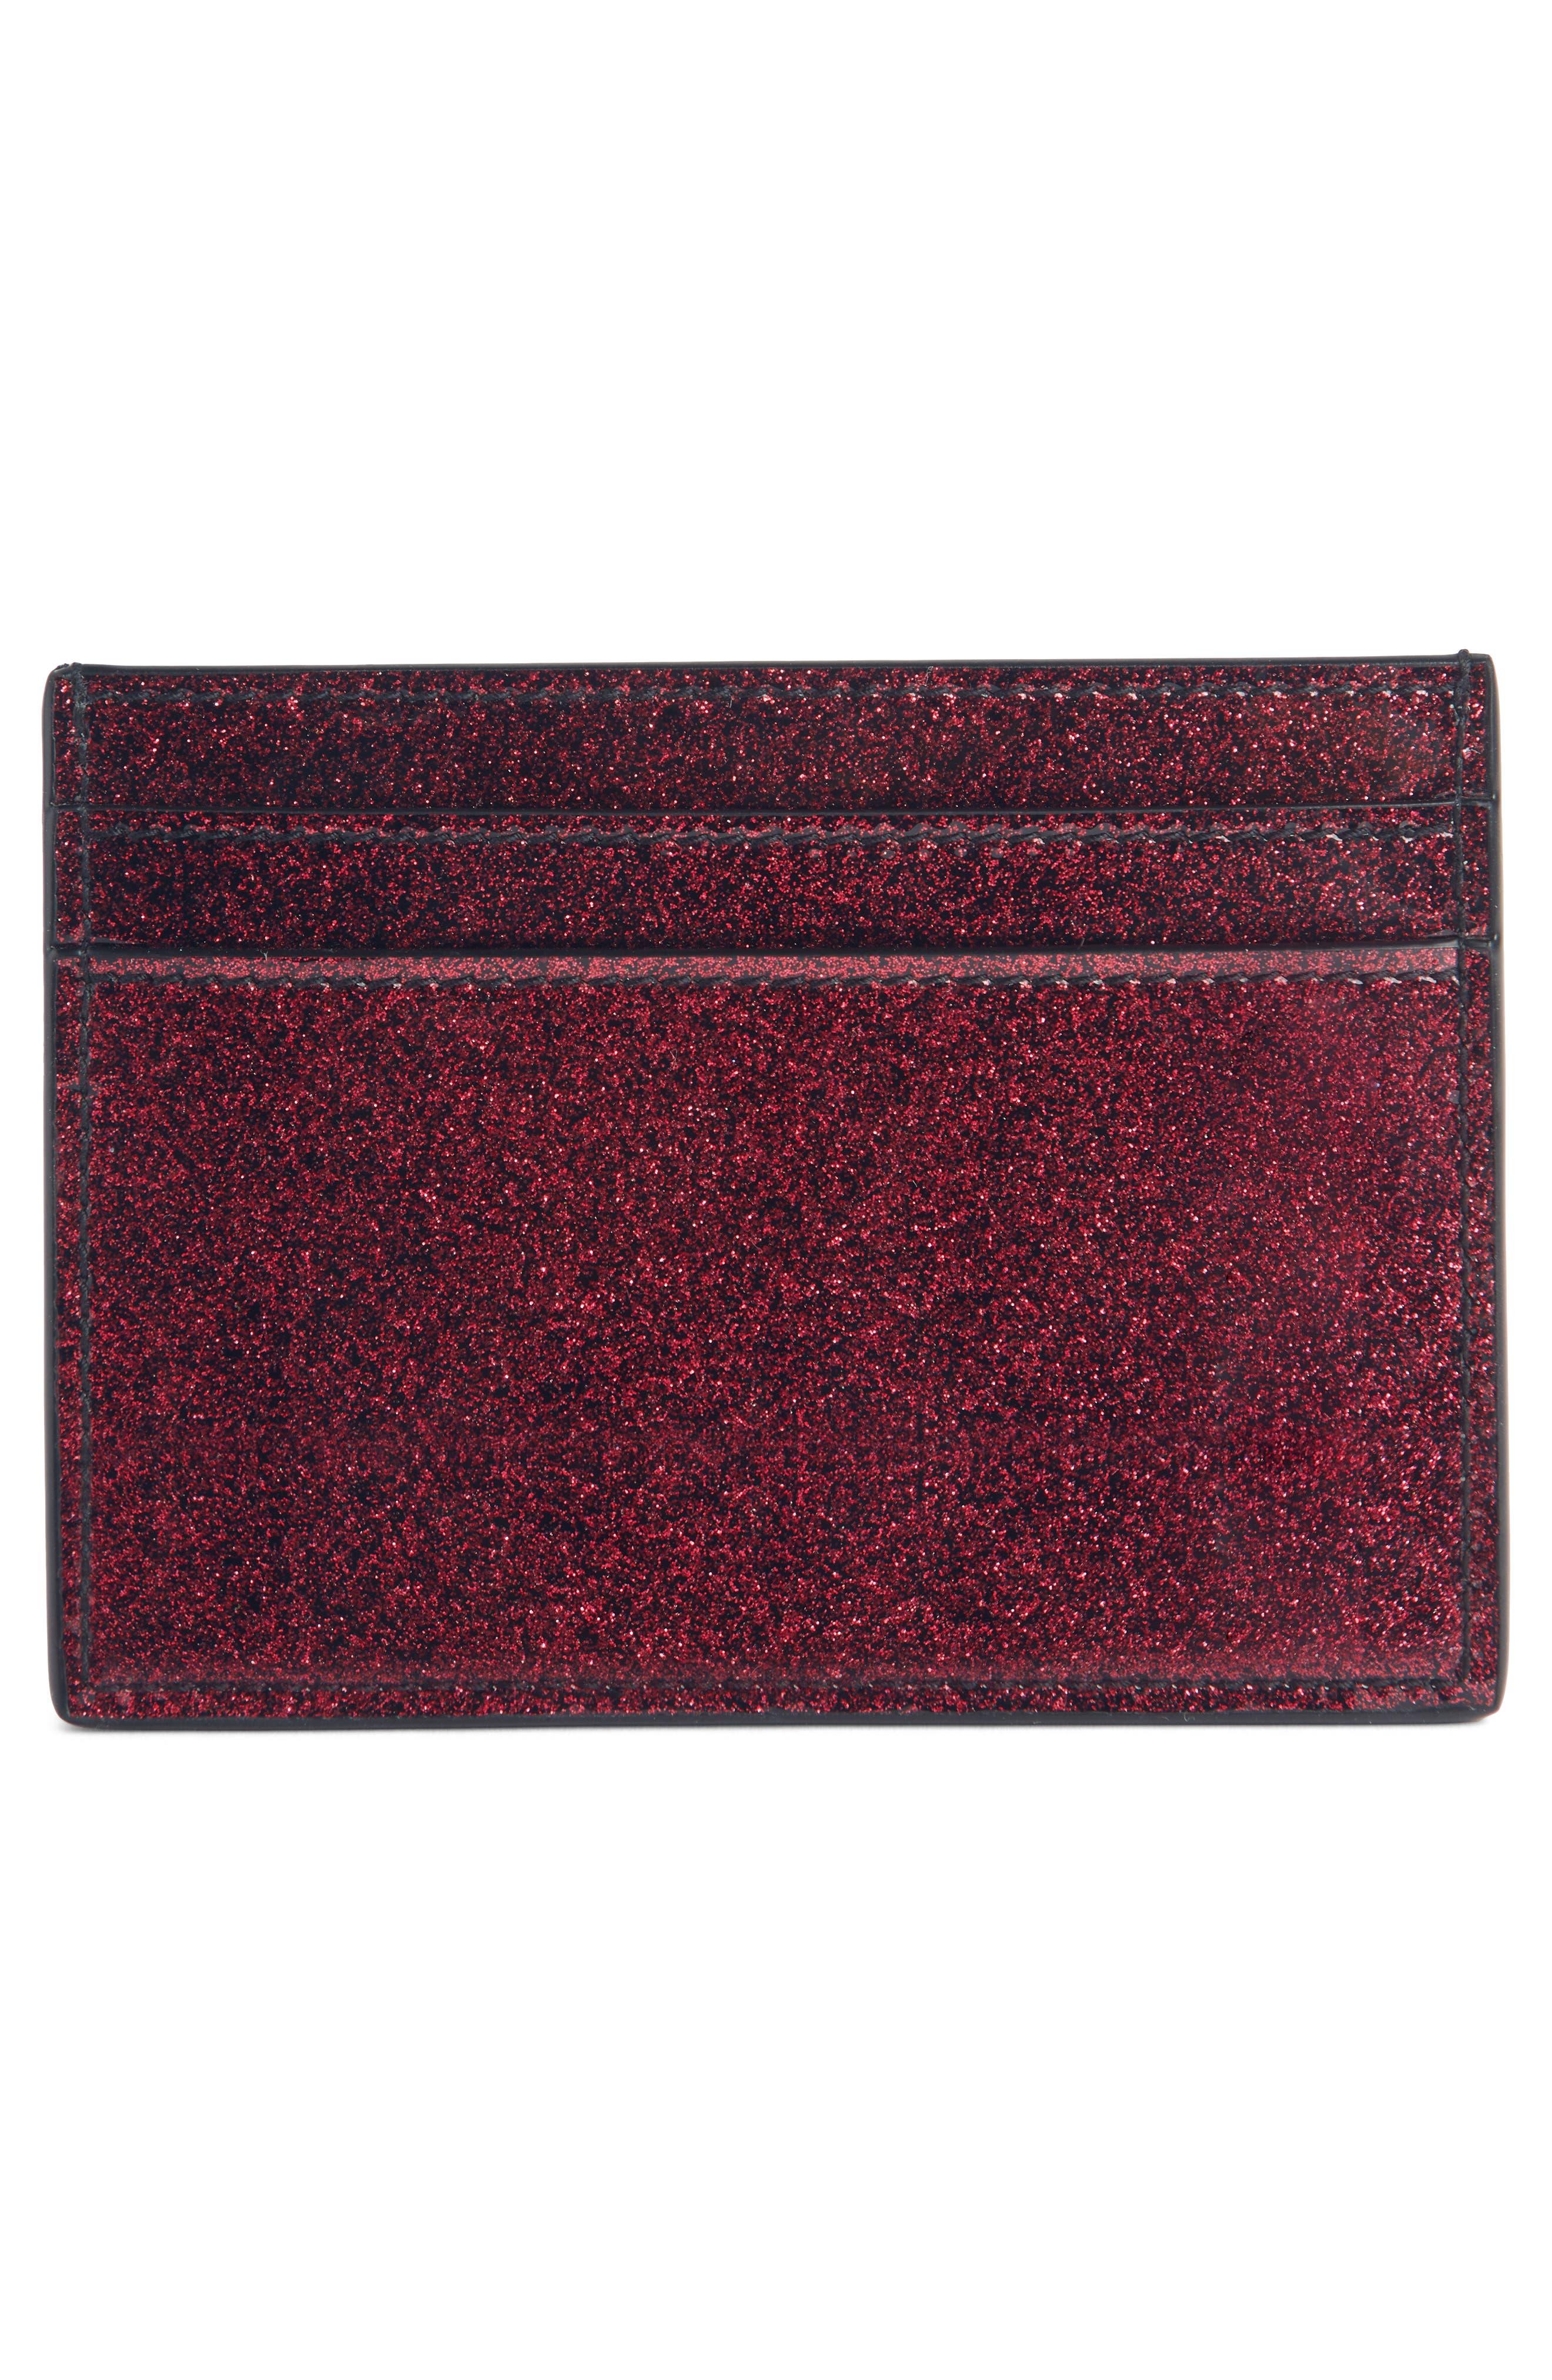 Monogram Vernis Glitter Calfskin Leather Card Case,                             Alternate thumbnail 2, color,                             650